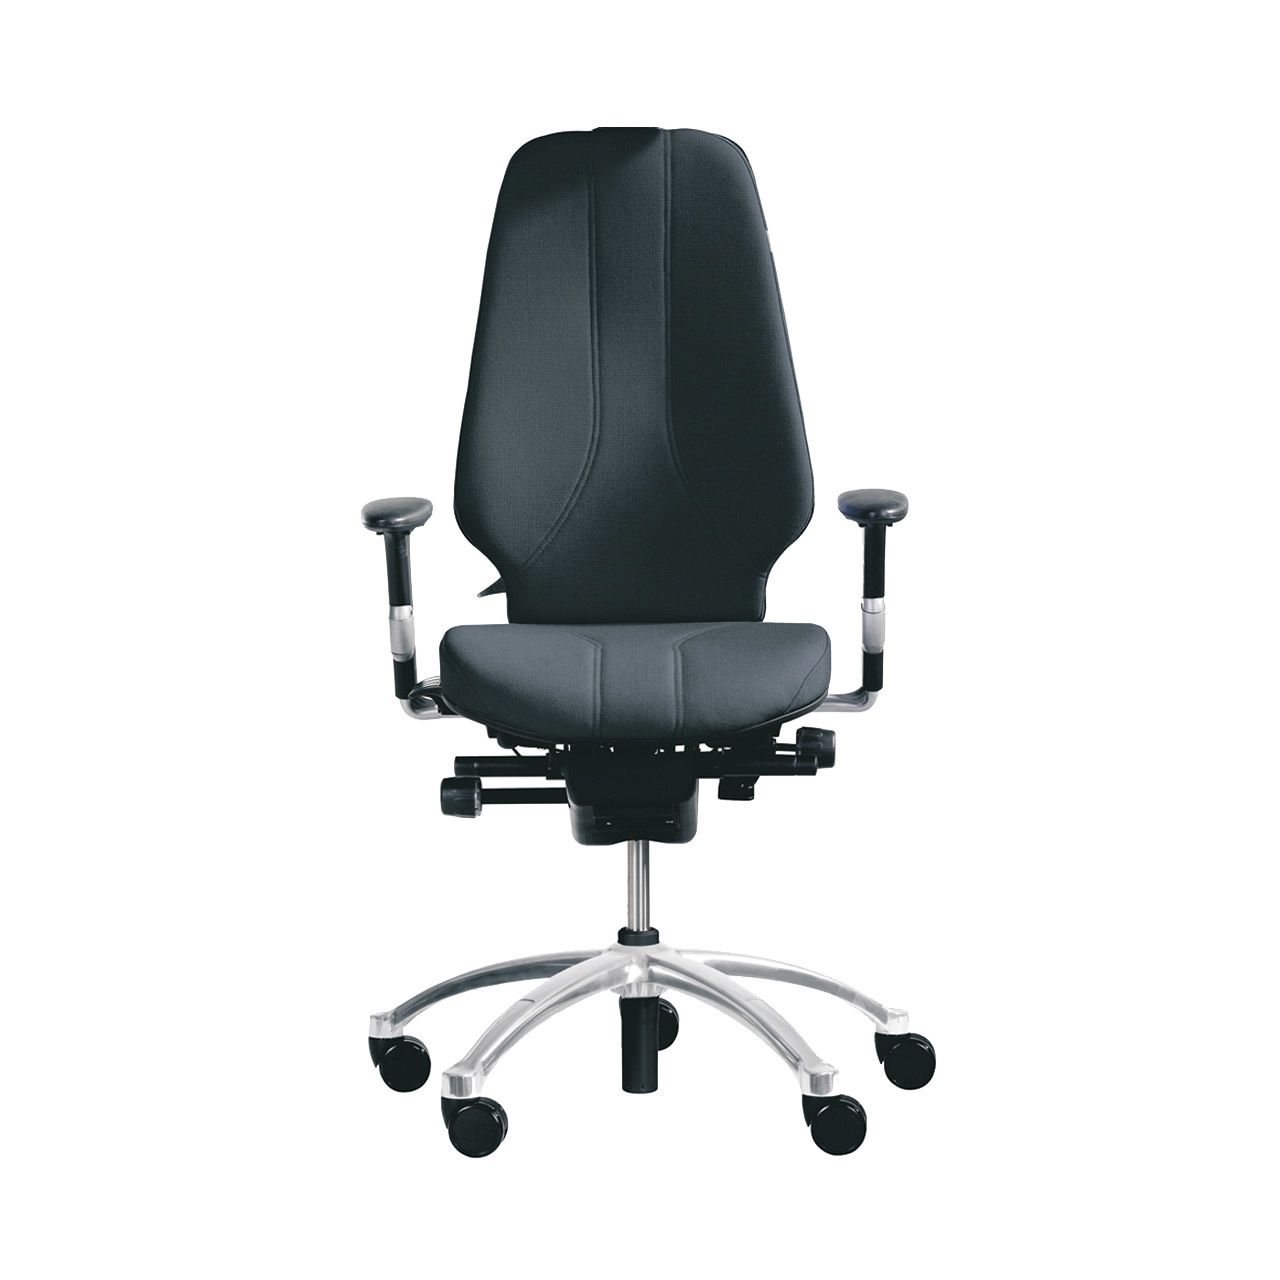 RH Logic 400 ergonomische bureaustoel